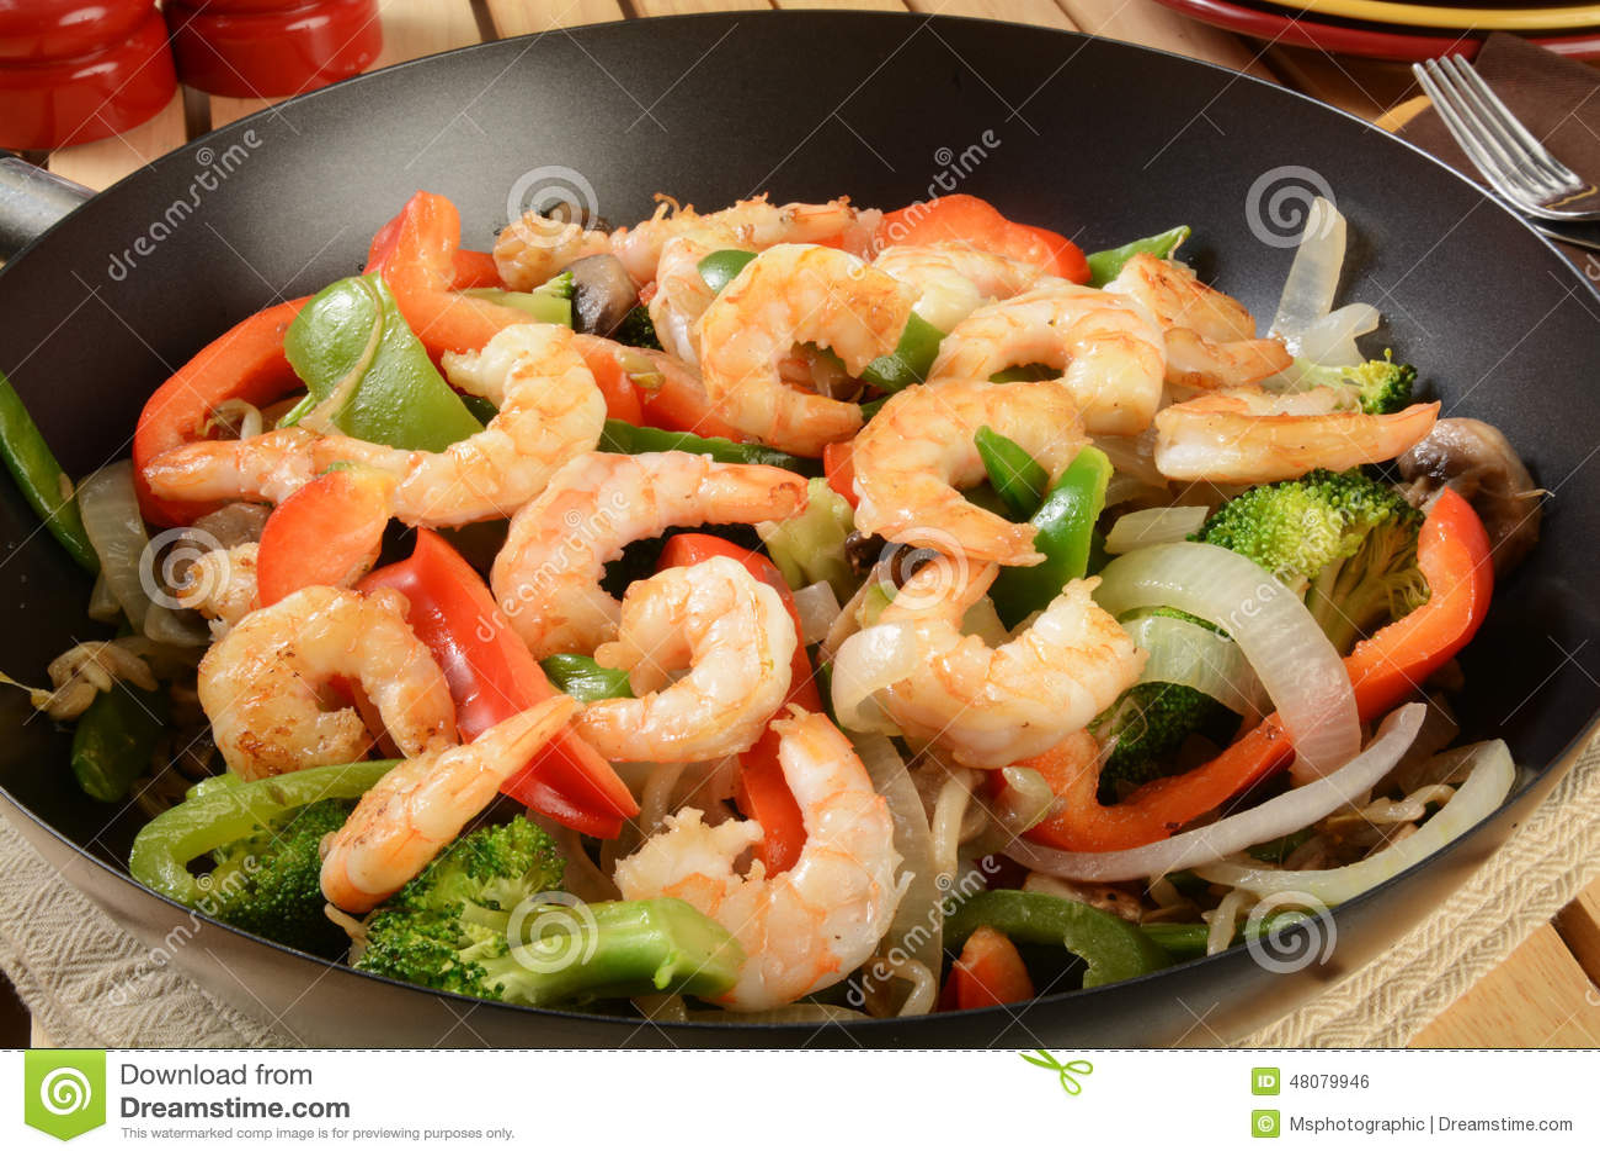 虾在铁锅的混乱油炸物